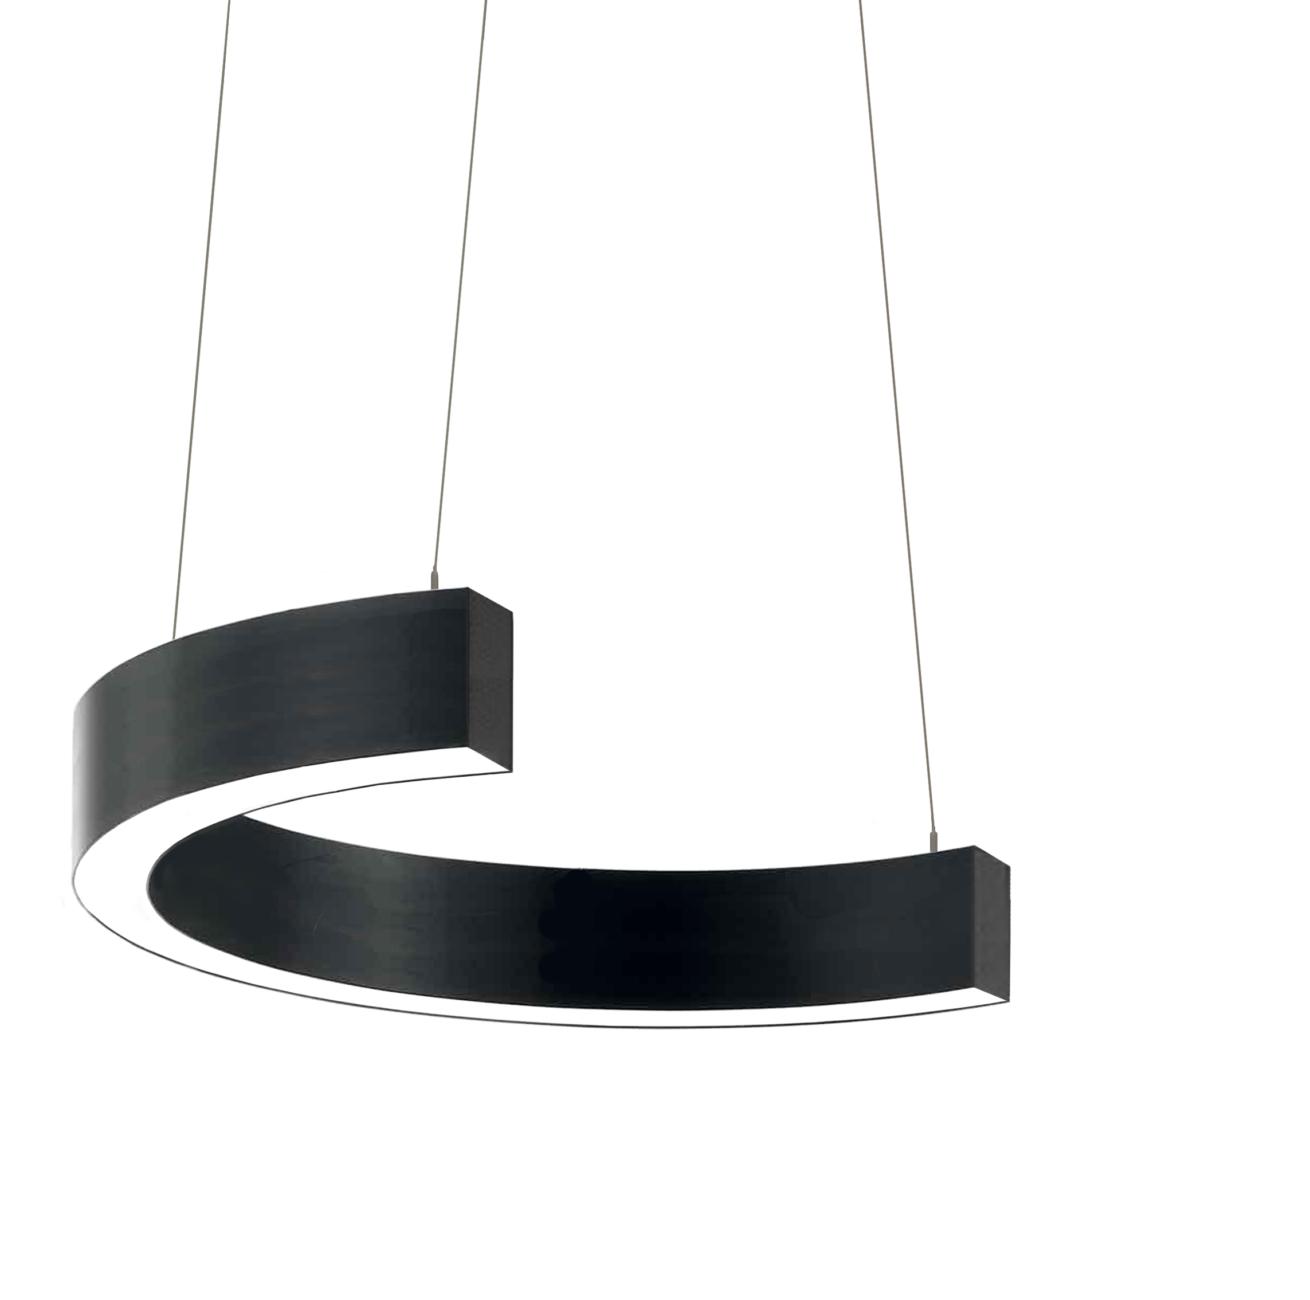 Светильник Ring-С 5060-1500мм. 4000К/3000К. 37W/76W купить в Казани